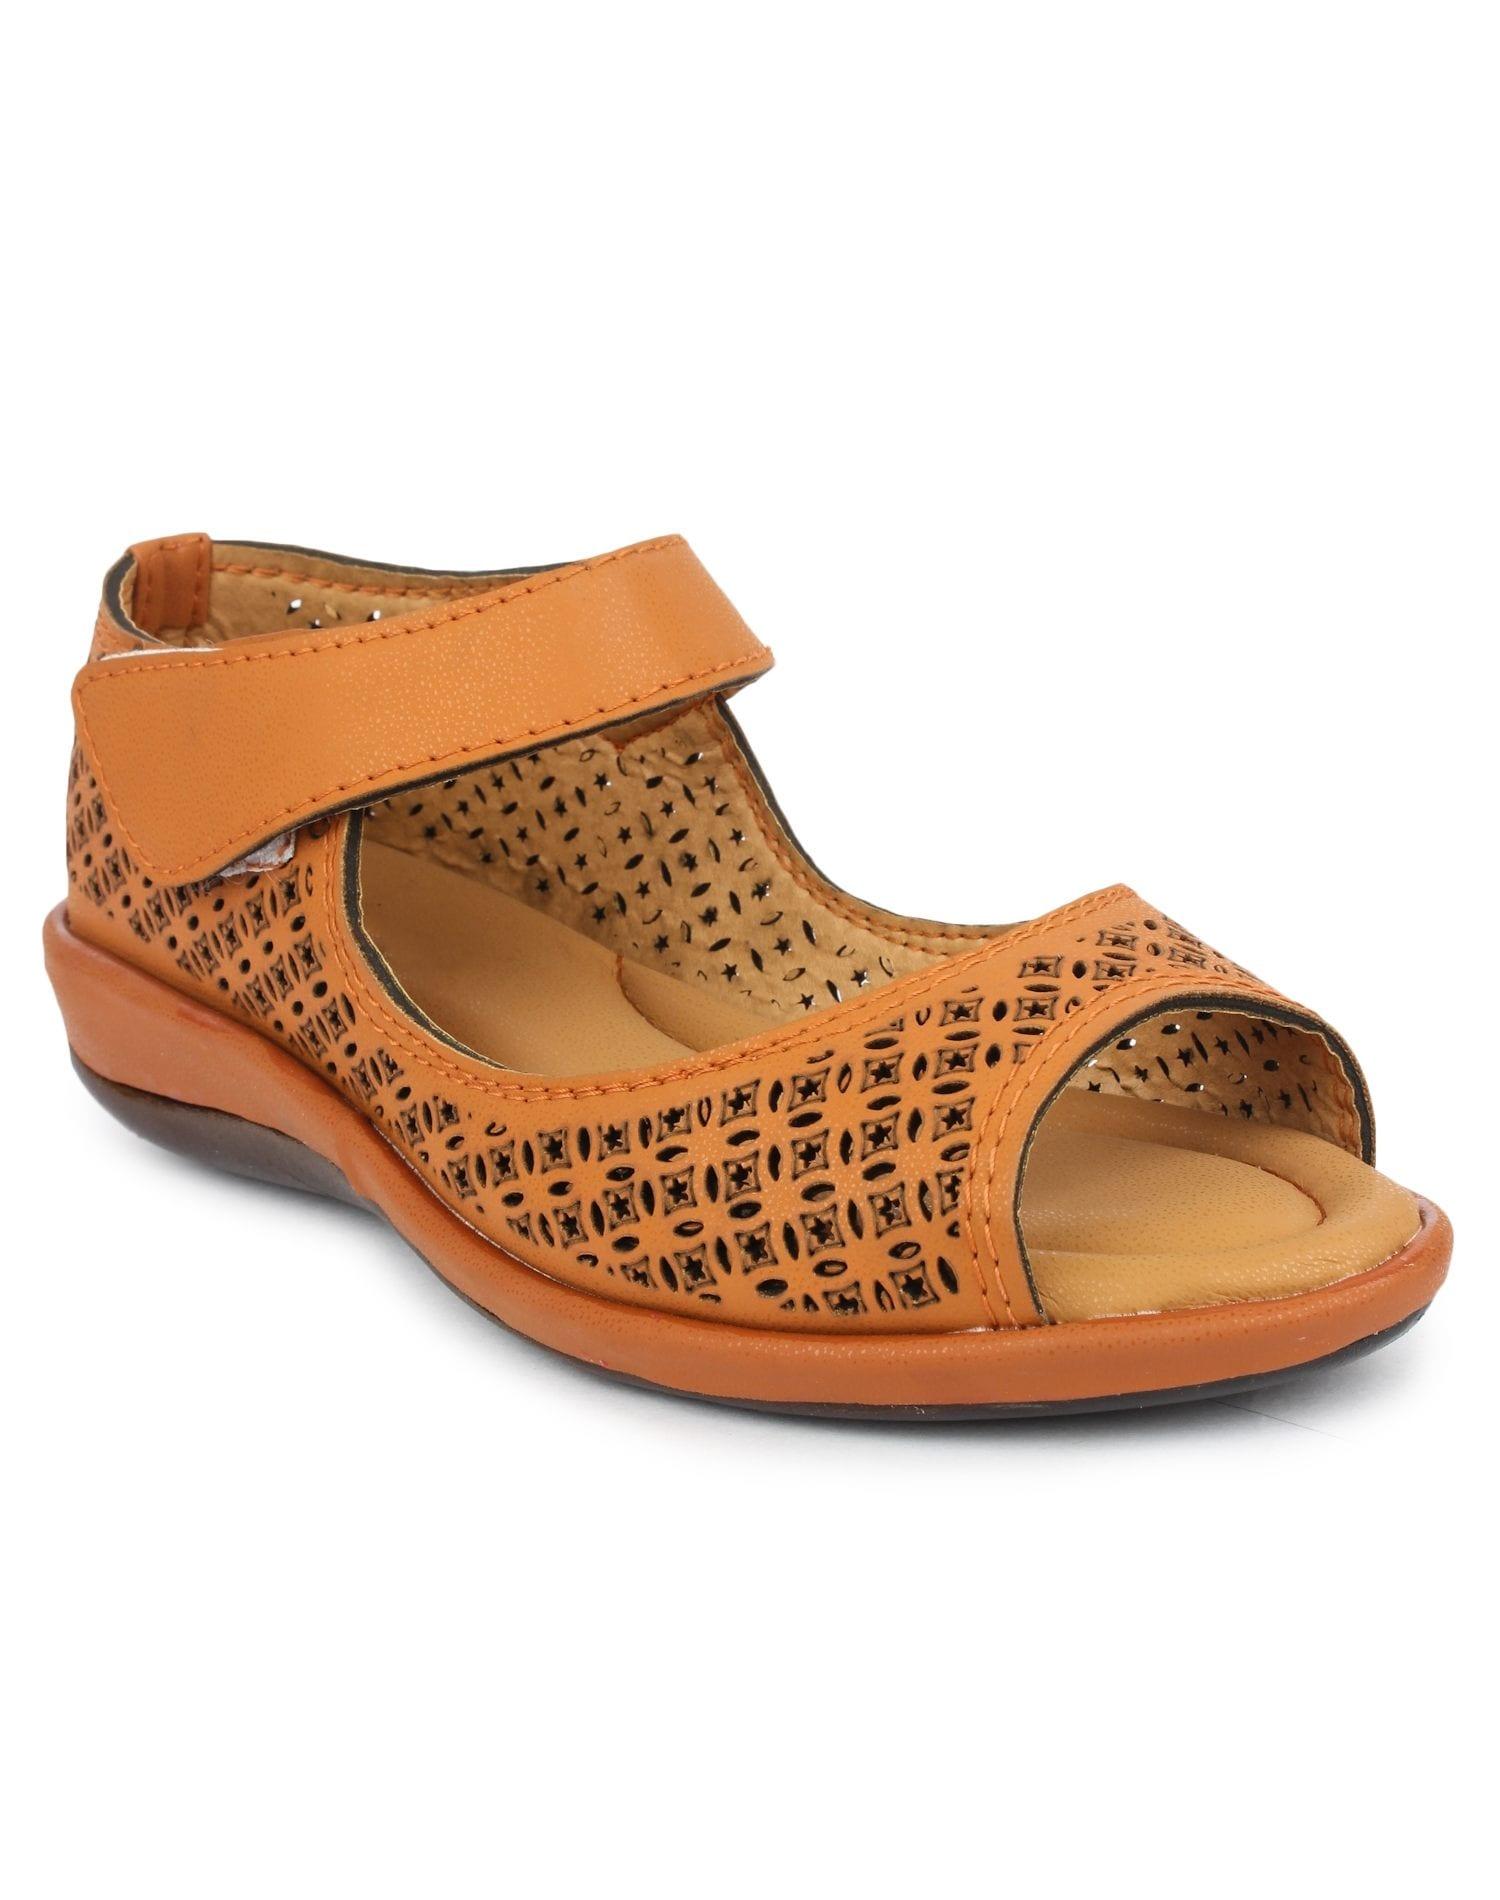 Top 100 Shoe Importers in Ramesh Nagar - Best Footwear Importers